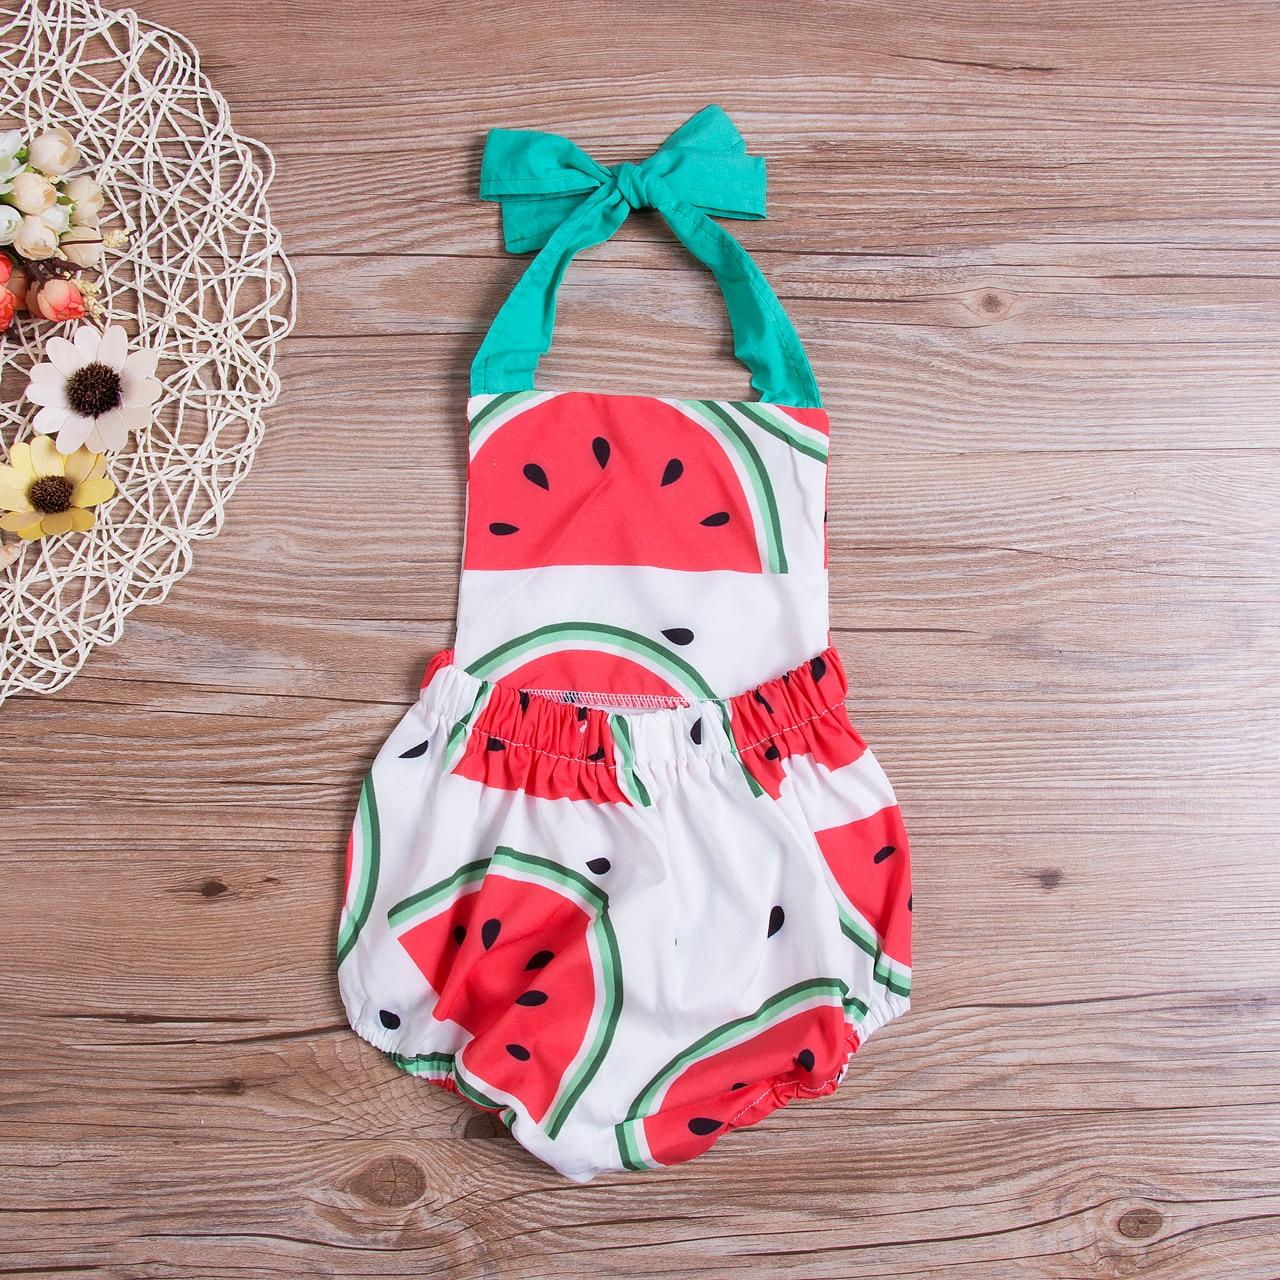 Cute Summer Baby Girls One Piece Swimsuit Beachwear 2020 Backless Fresh 0-24M Little Baby Swimwear Lovely Bathing Suit